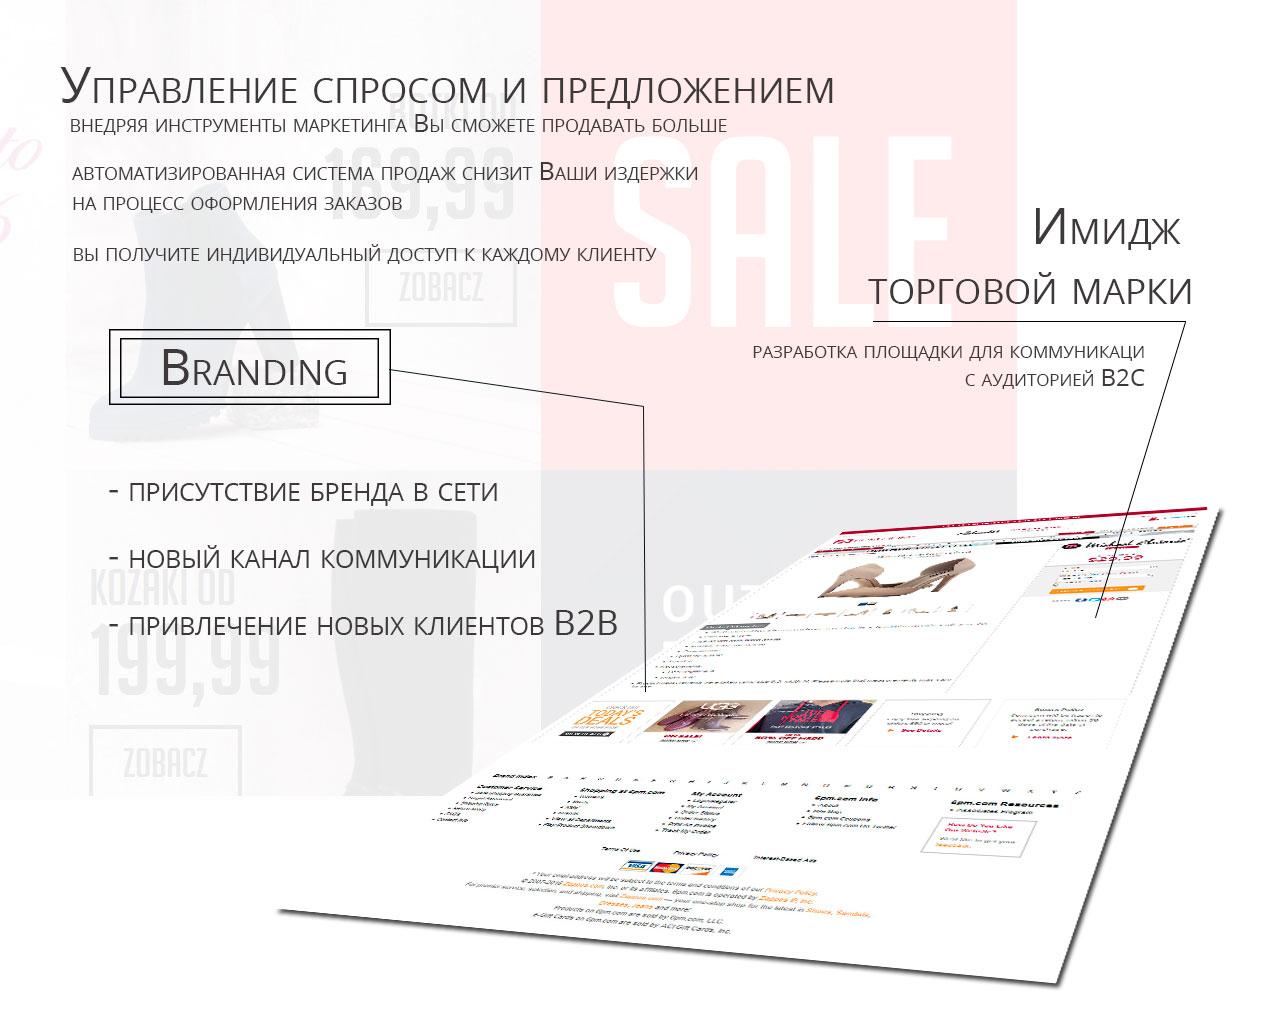 production-company-website-marketing